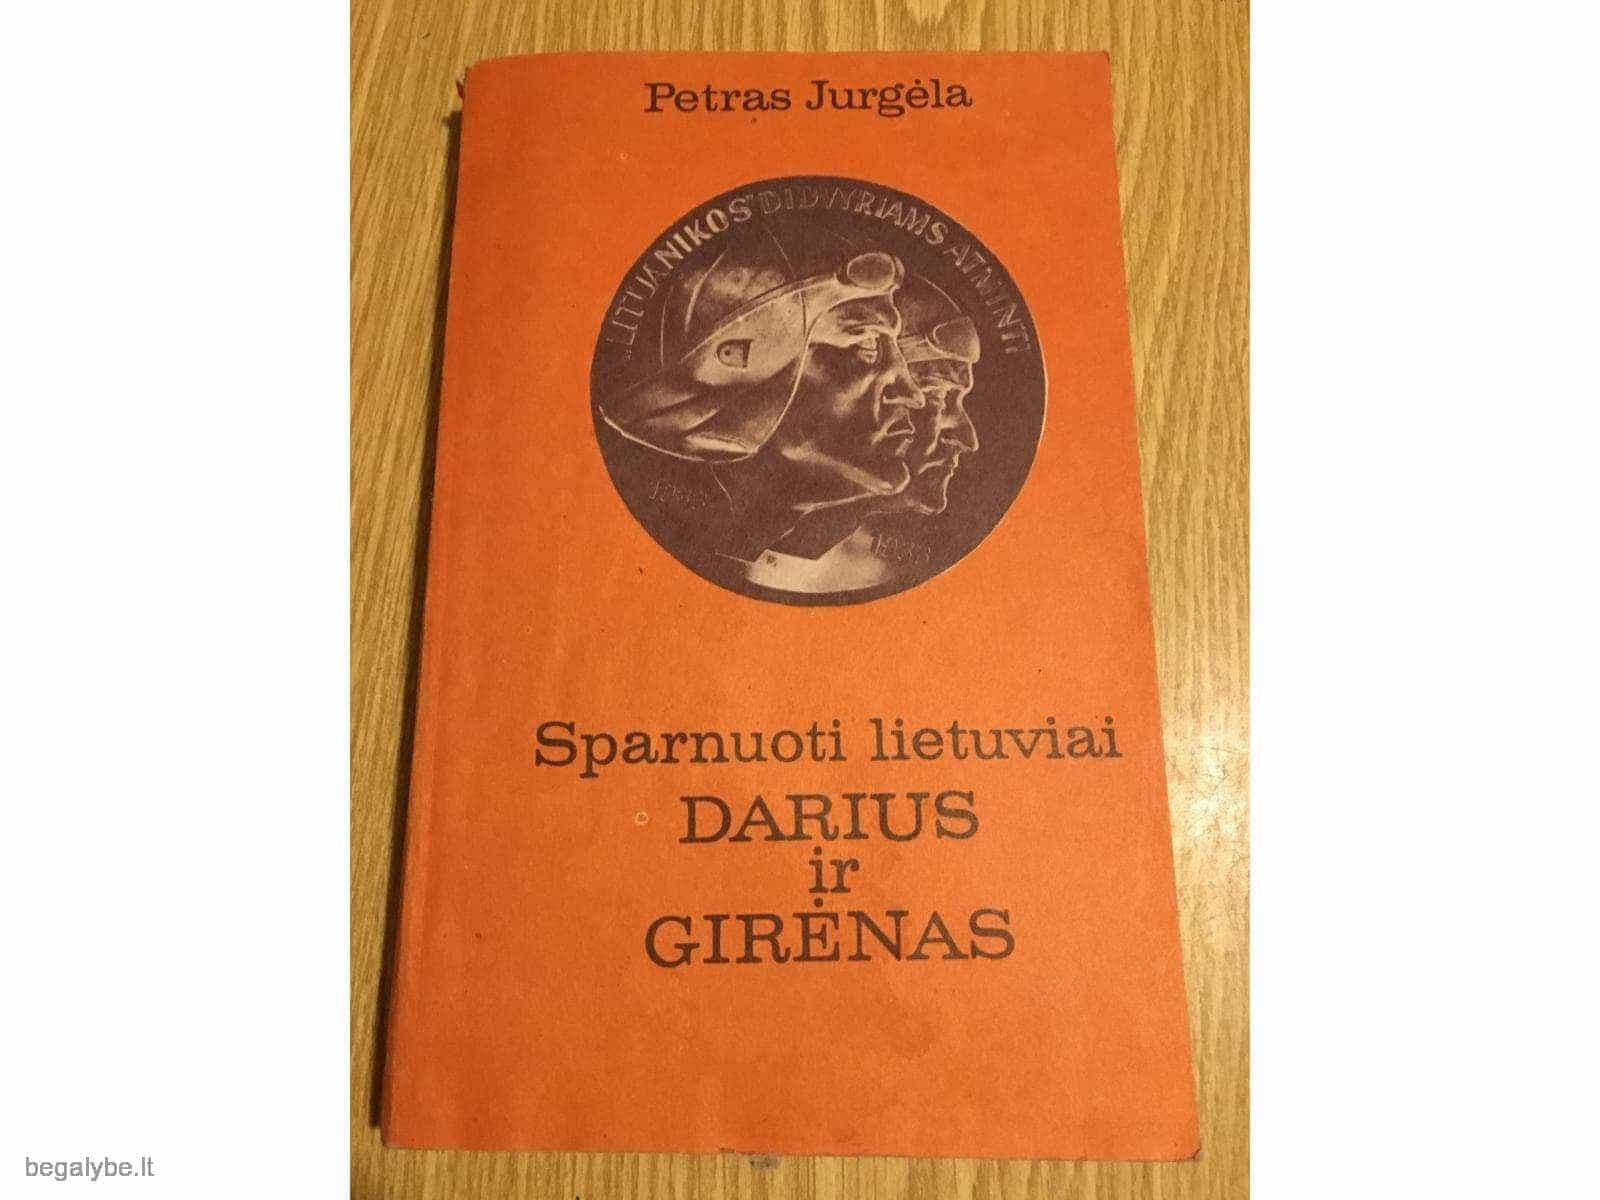 Jurgėla Petras - Sparnuoti lietuviai Darius ir Girėnas